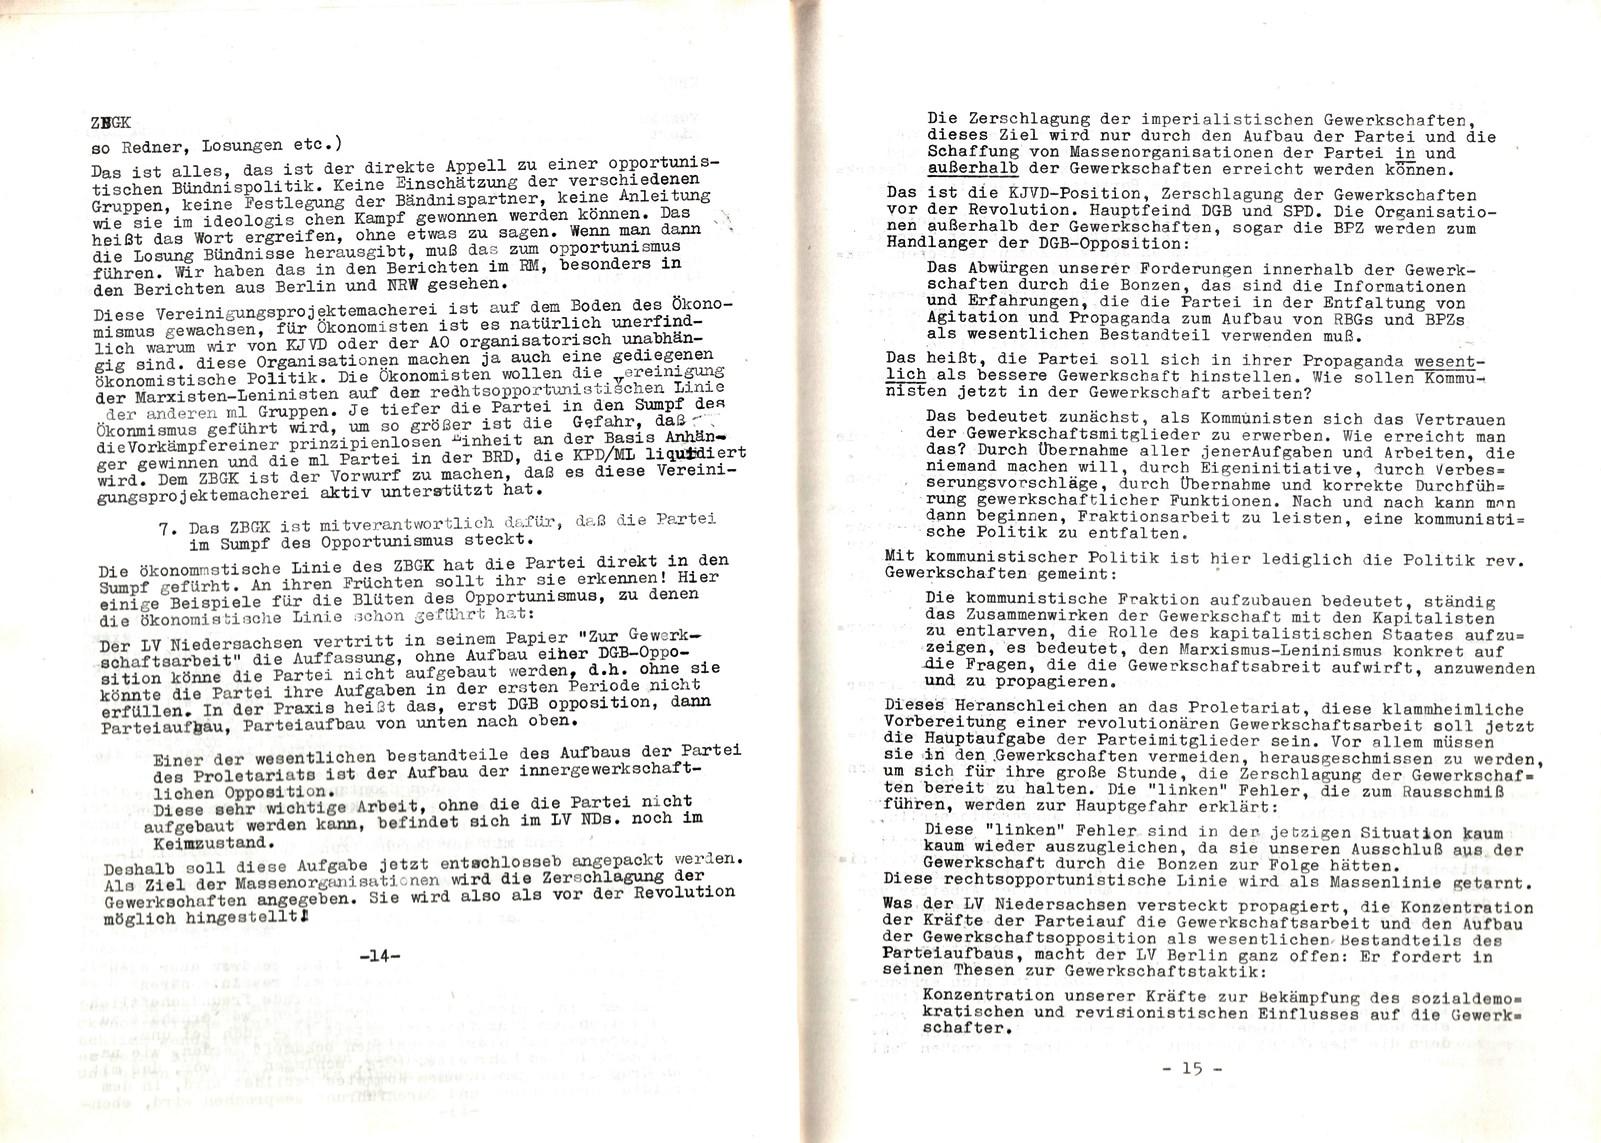 KPDML_1971_Analysen_und_Antraege_des_LV_Sued_West_029